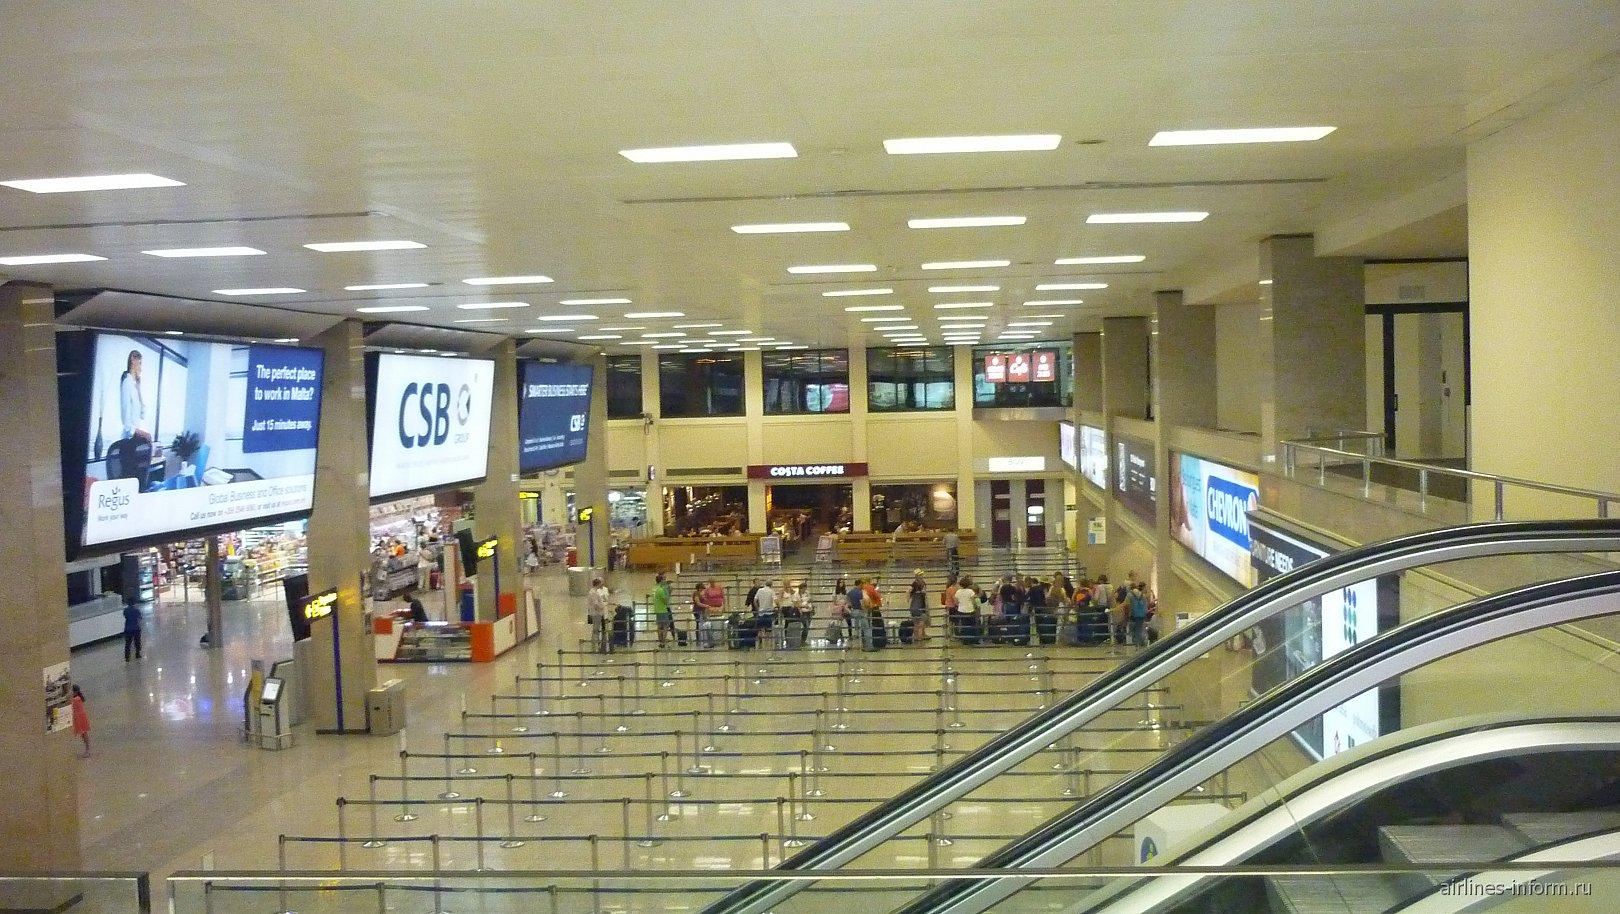 В аэровокзале аэропорта Мальта